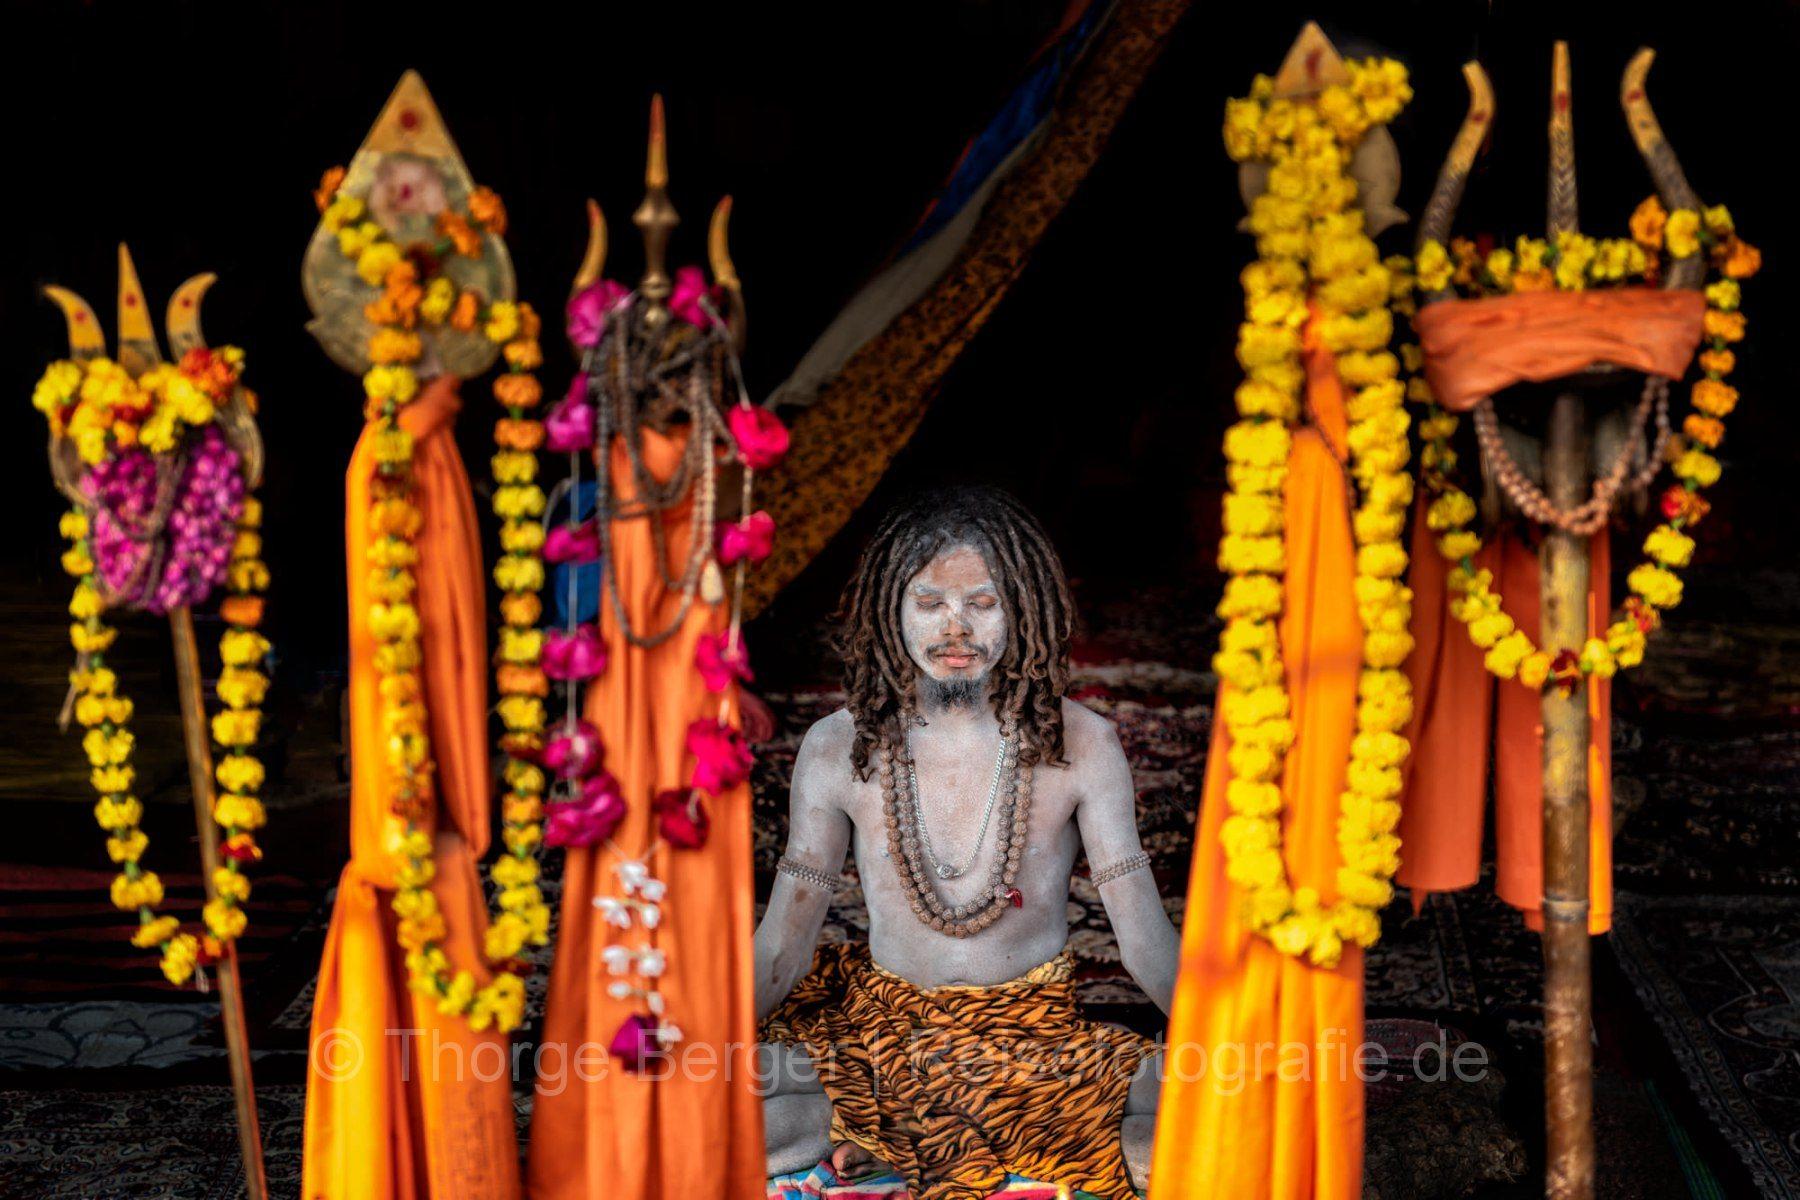 Sadhu in meditation at the Kumbh Mela